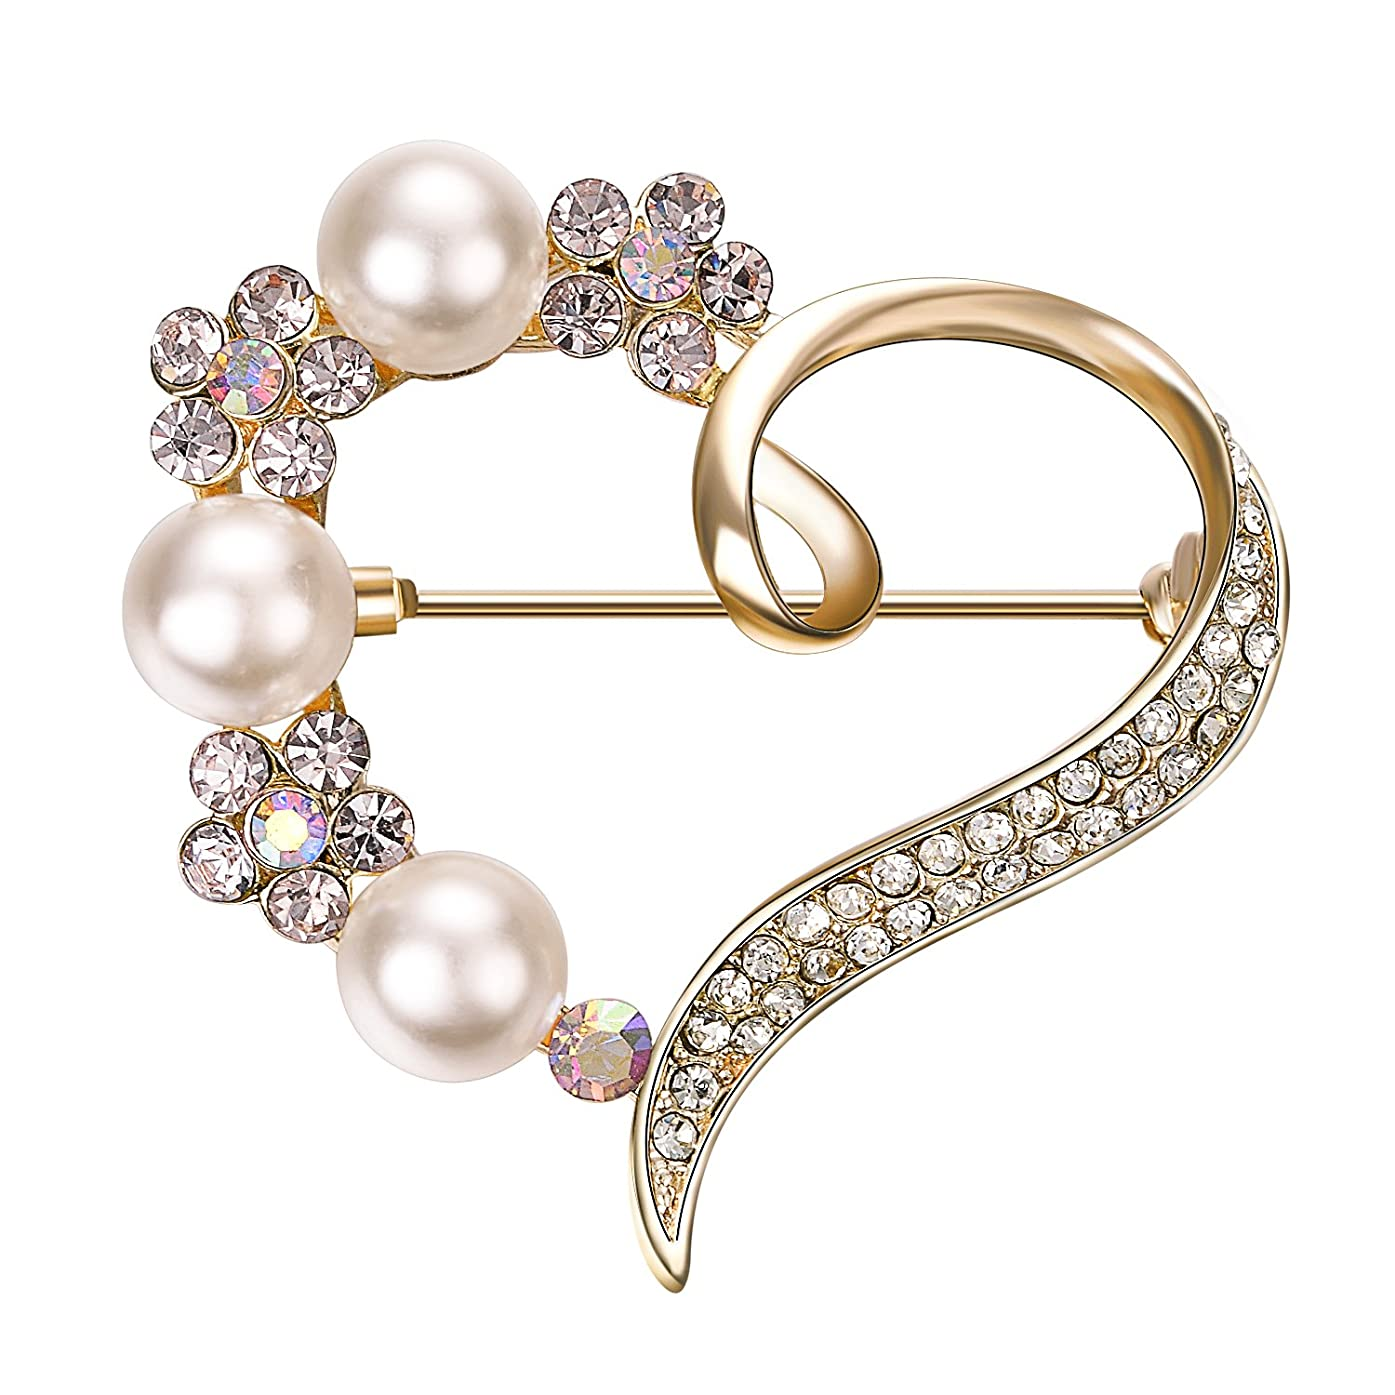 解釈的自分アウトドアYoursfs ハートブローチ 選べる アクセサリー パール 真珠 バラ クリスタル ラインストーン 愛のハート ブローチピン コスチュームジュエリー